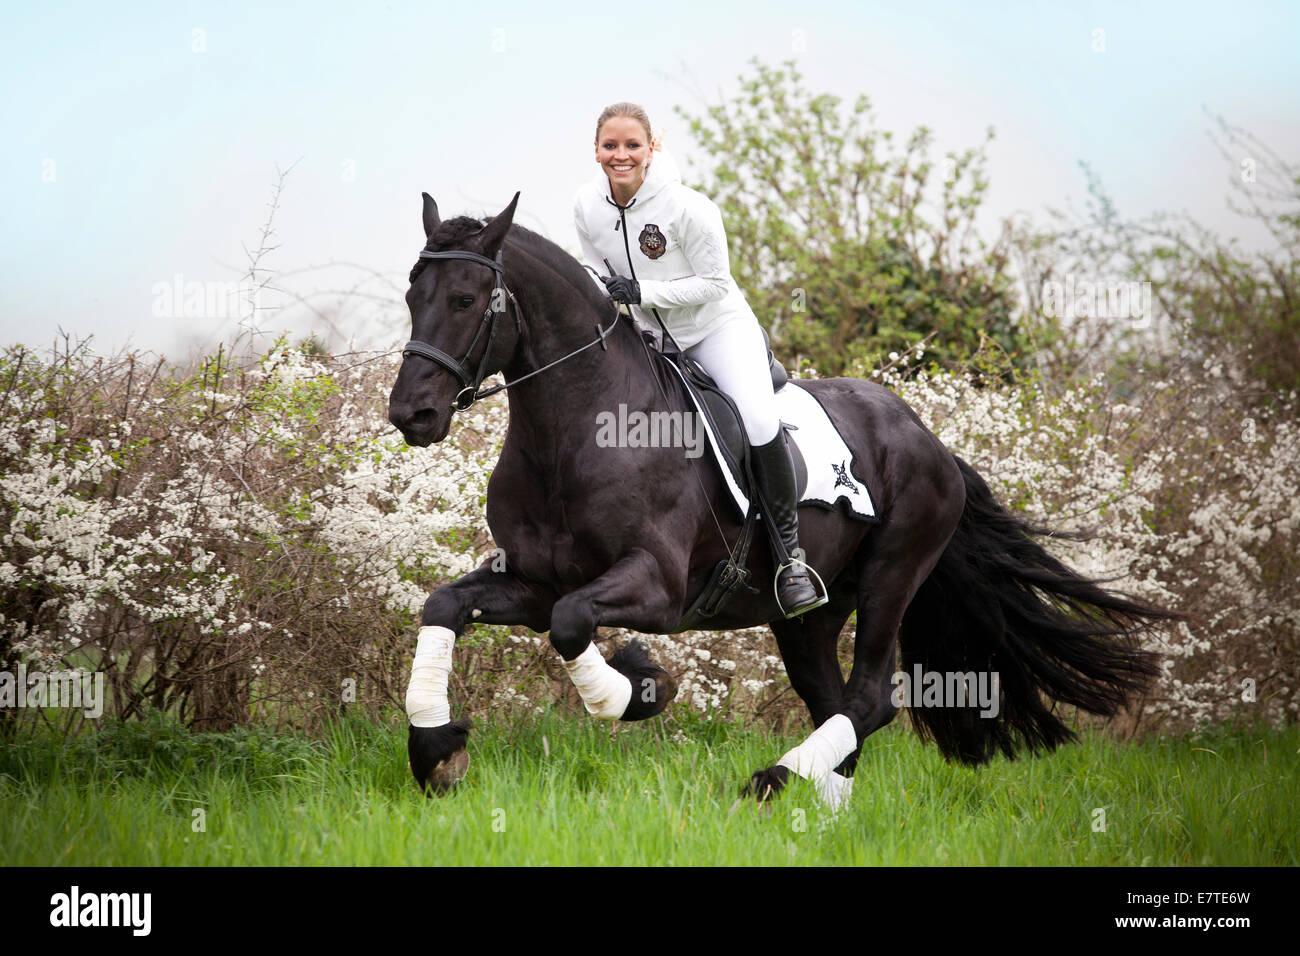 Cheval frison ou frisons, étalon, femme-cavalier au galop Photo Stock